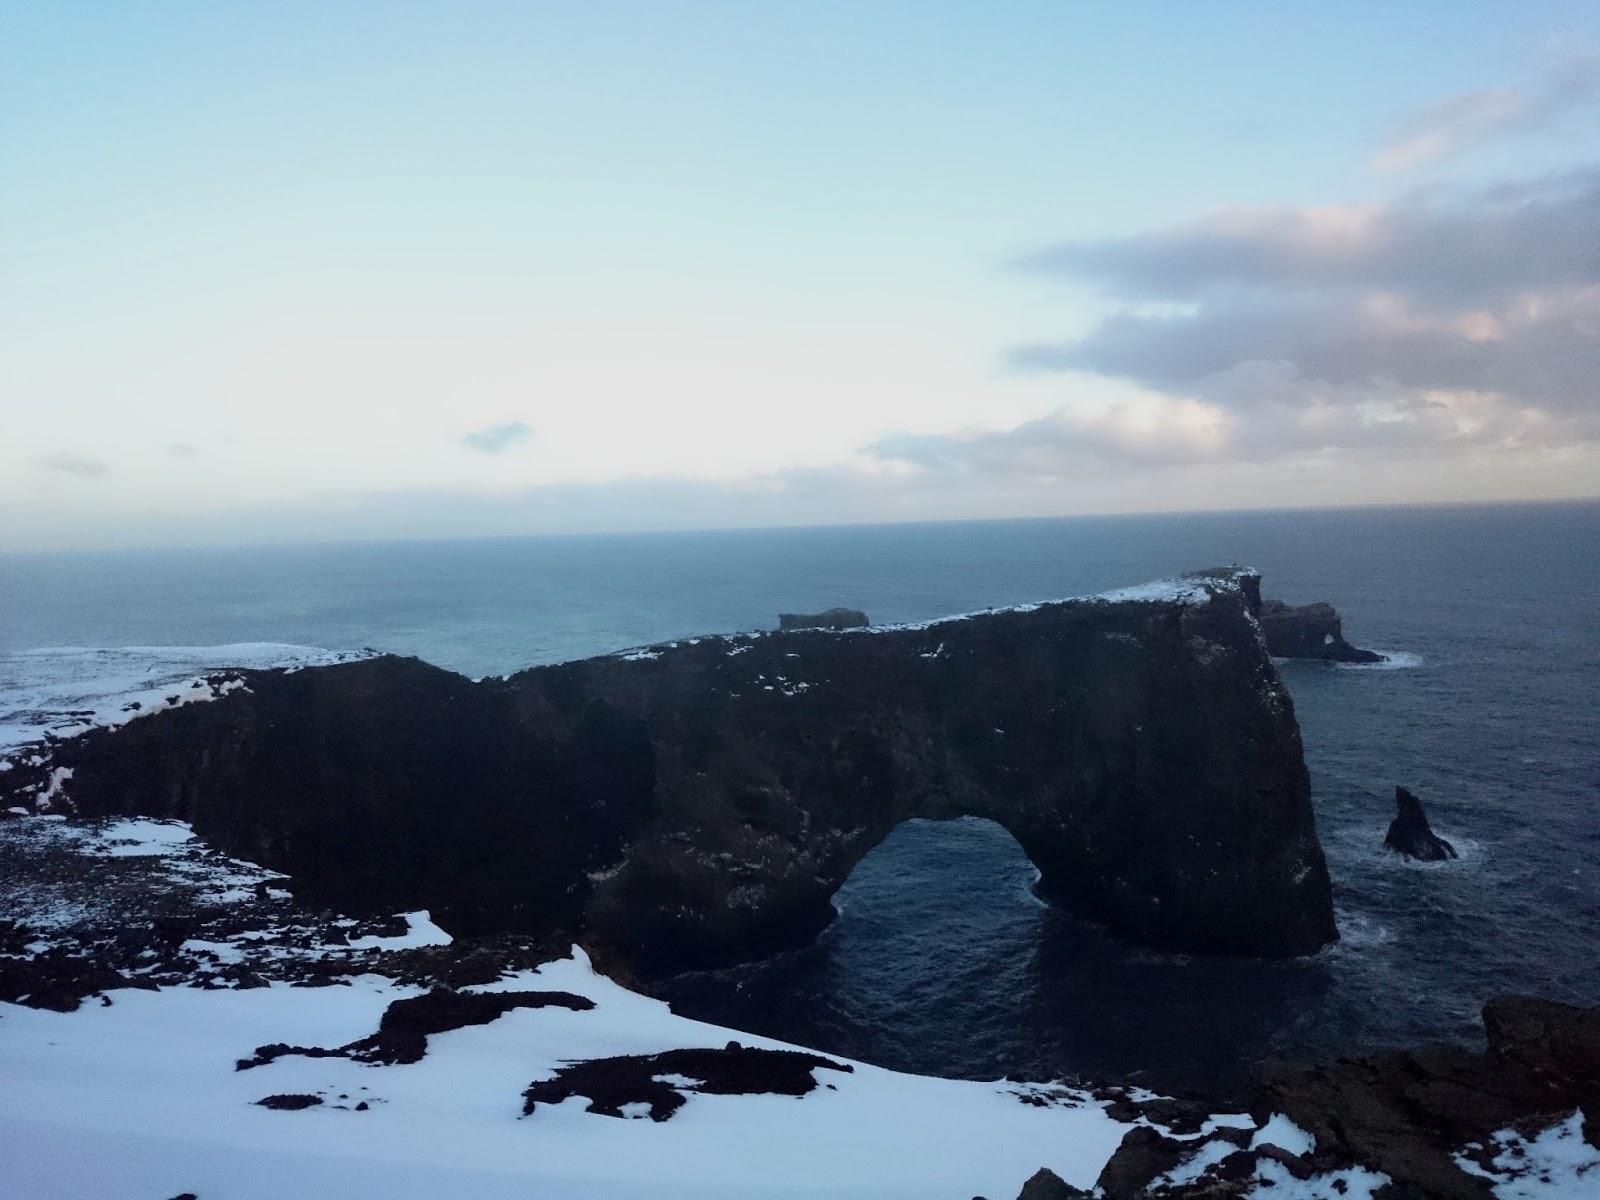 łuk Dyrholaey, Dyrholaey, Islandia, panidorcia, blog o Islandii